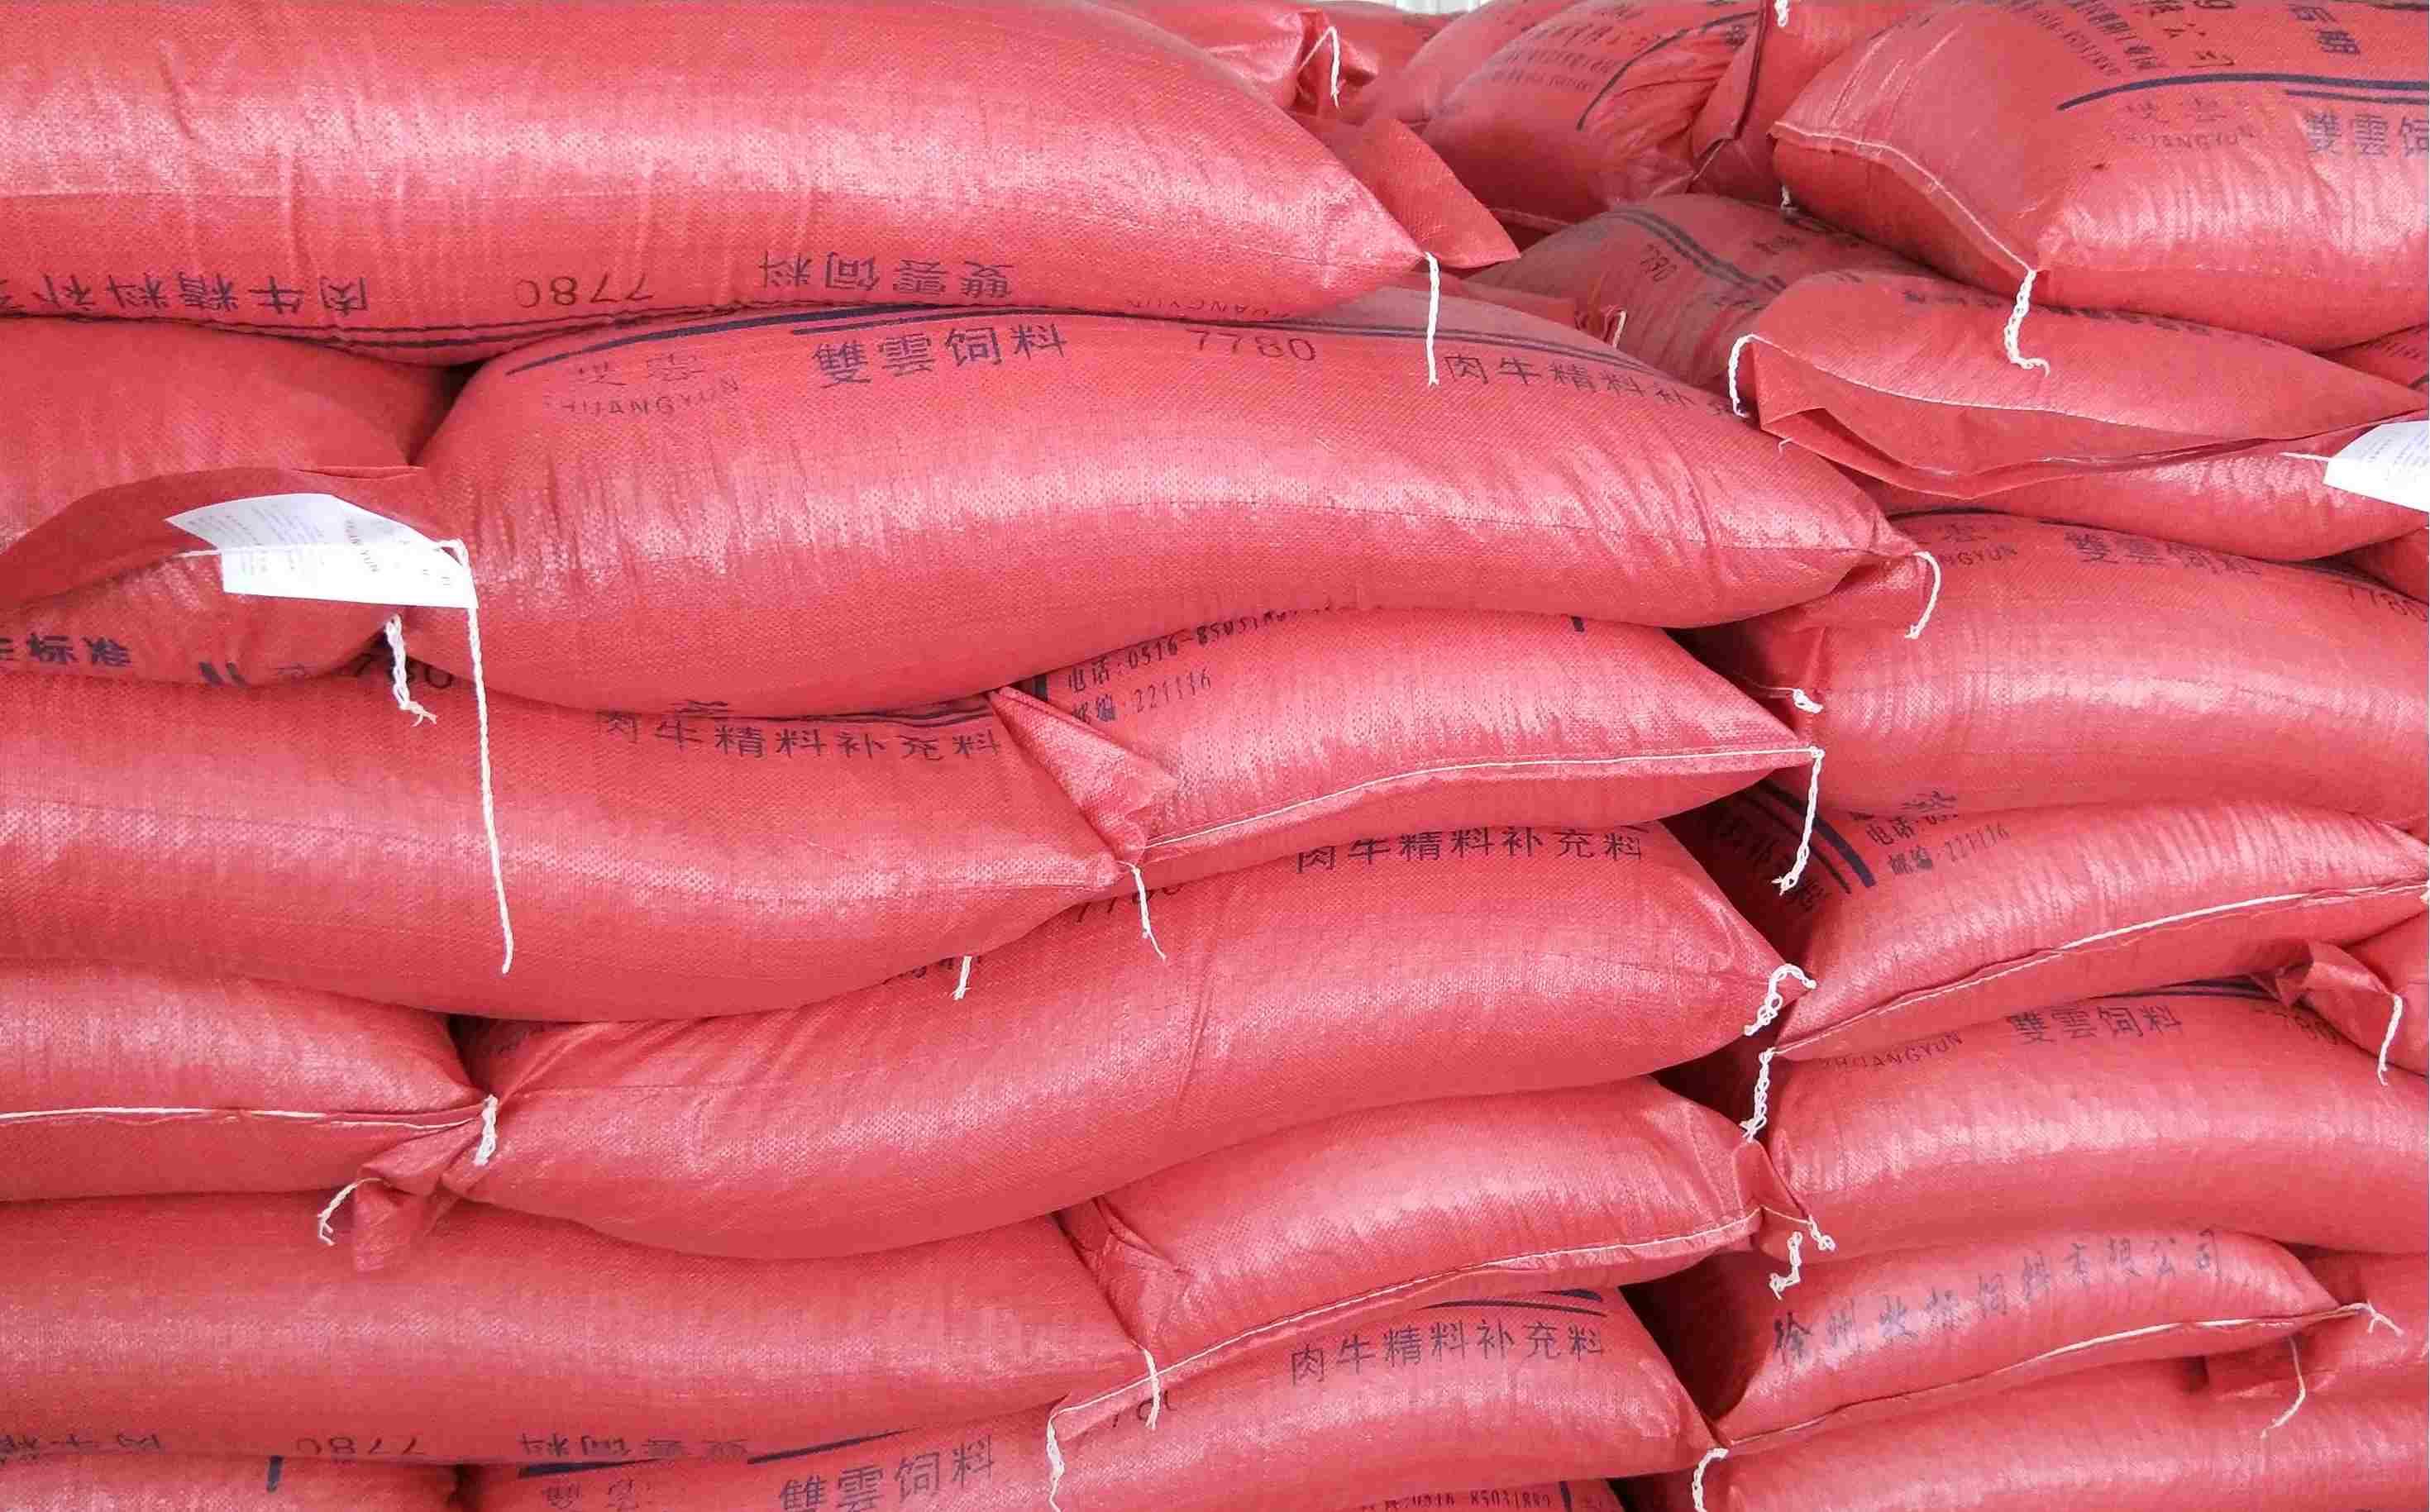 黑龙江肉牛精料补充料_价格实惠的育肥后期肉牛精料补充料徐州哪里有